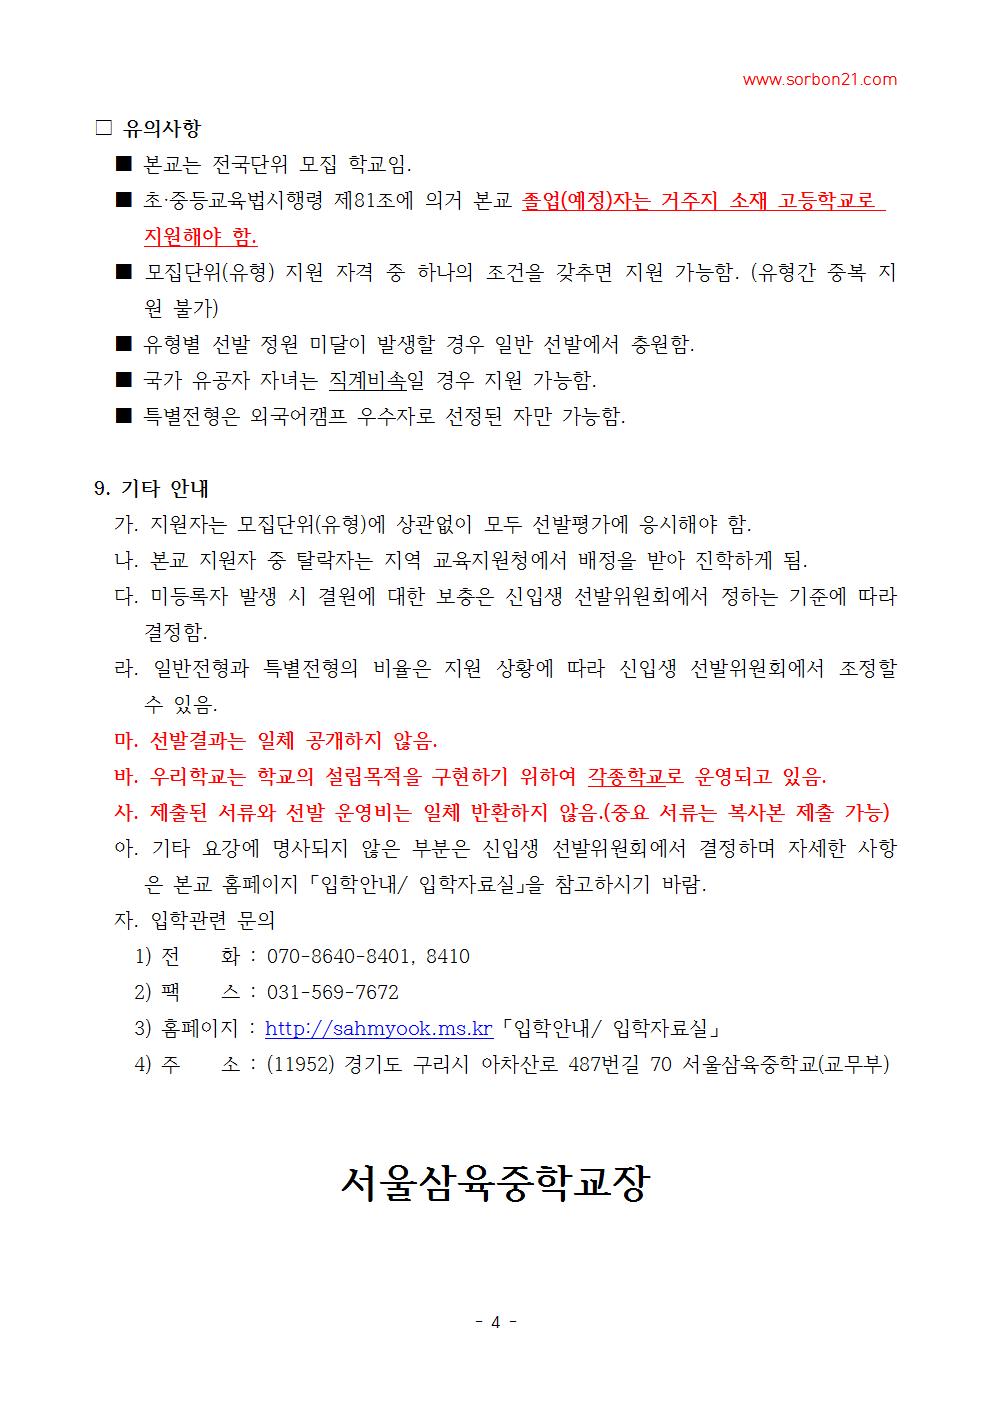 2018학년도 삼육중학교 입학 요강004.png